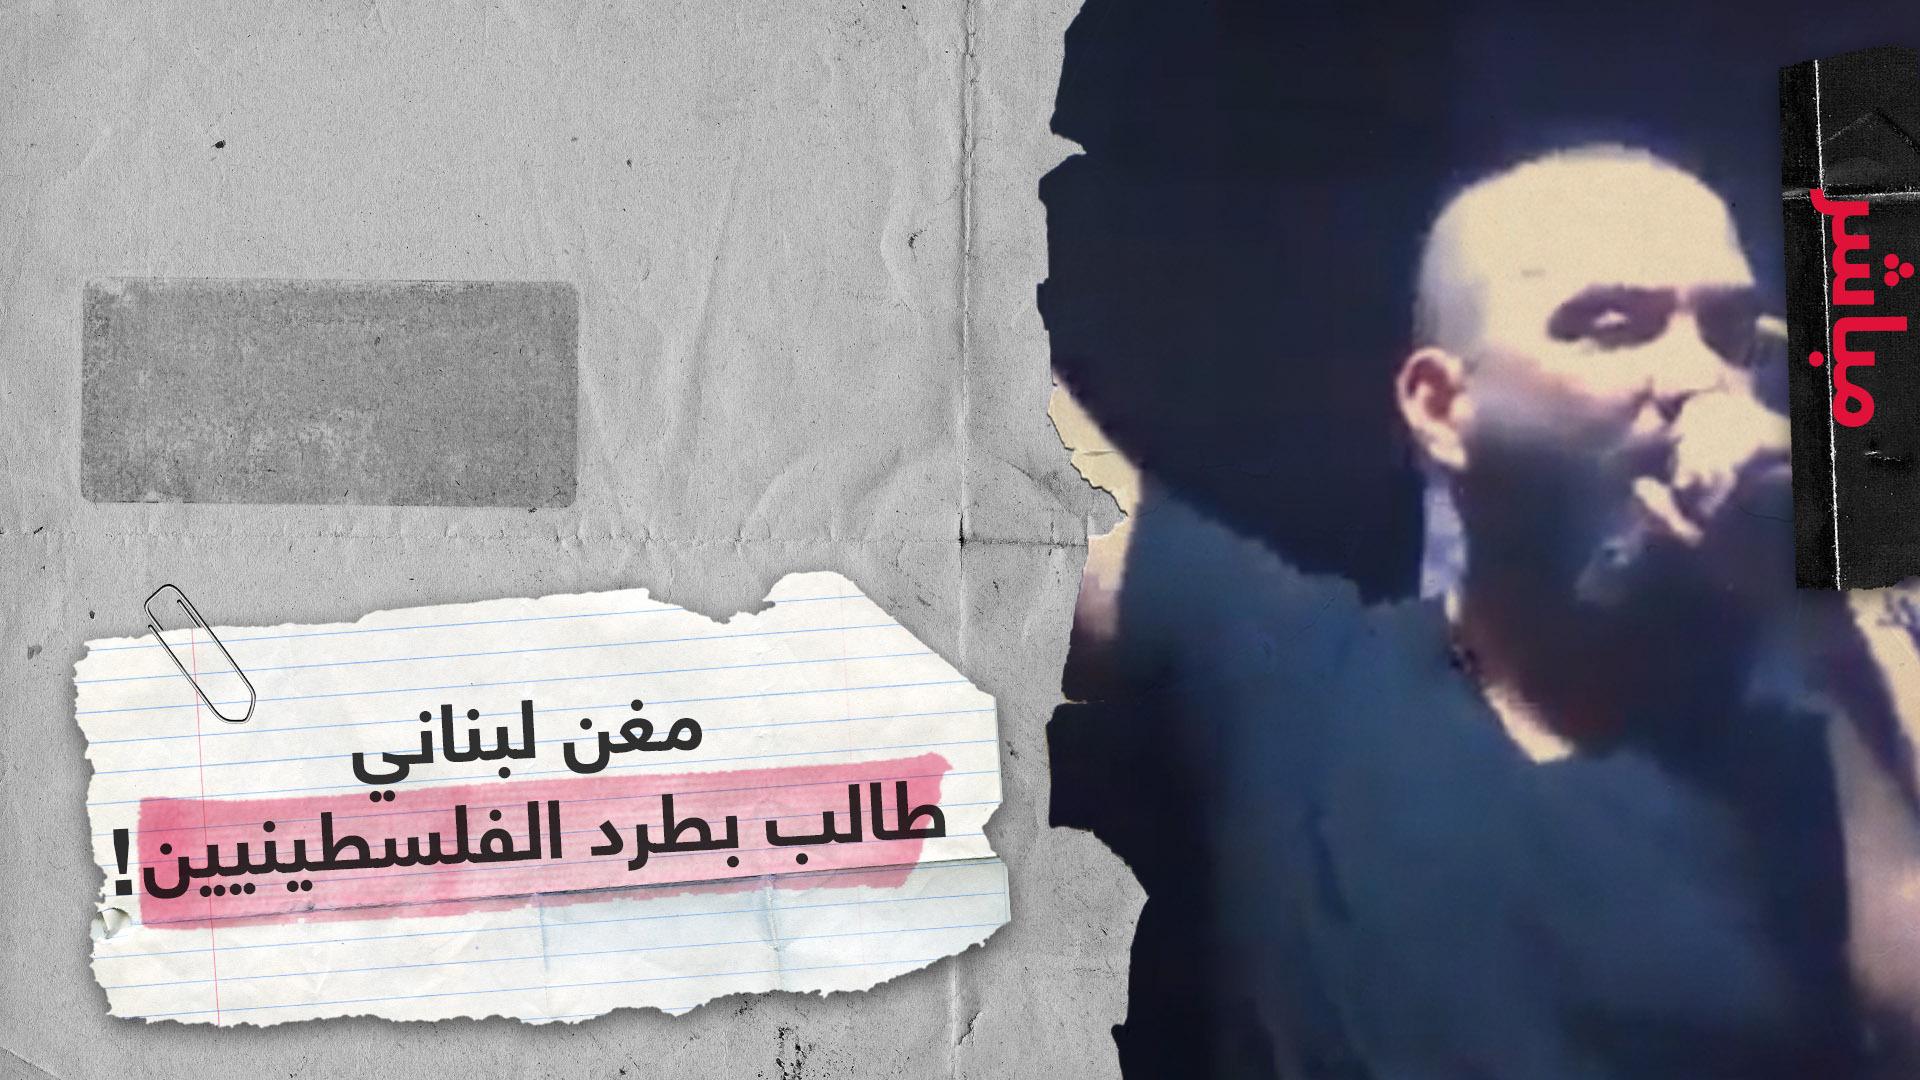 طالب في أغنية بطرد الفلسطينيين.. مغنٍ لبناني يخرج لتوضيح موقفه